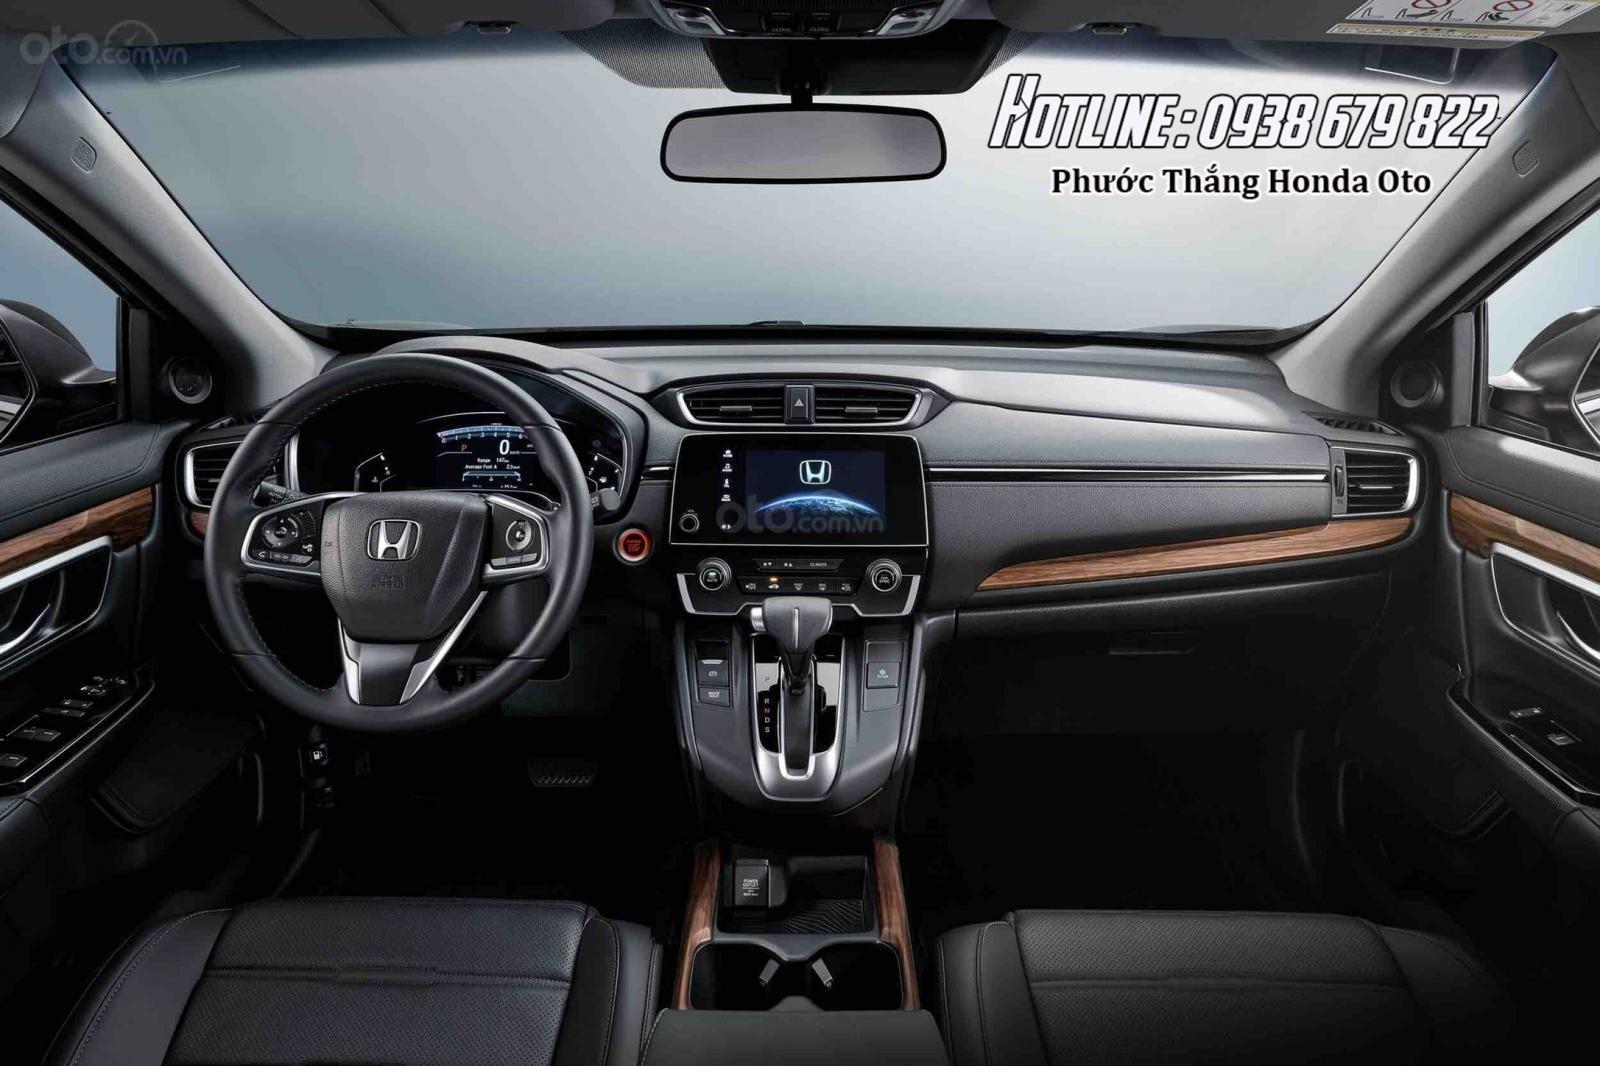 [Sài Gòn] Honda CRV TOP tháng 7 - Tặng BH 2 chiều, tiền mặt - 4xtr phụ kiện - Ưu đãi lớn, LH 0901.898.383-7